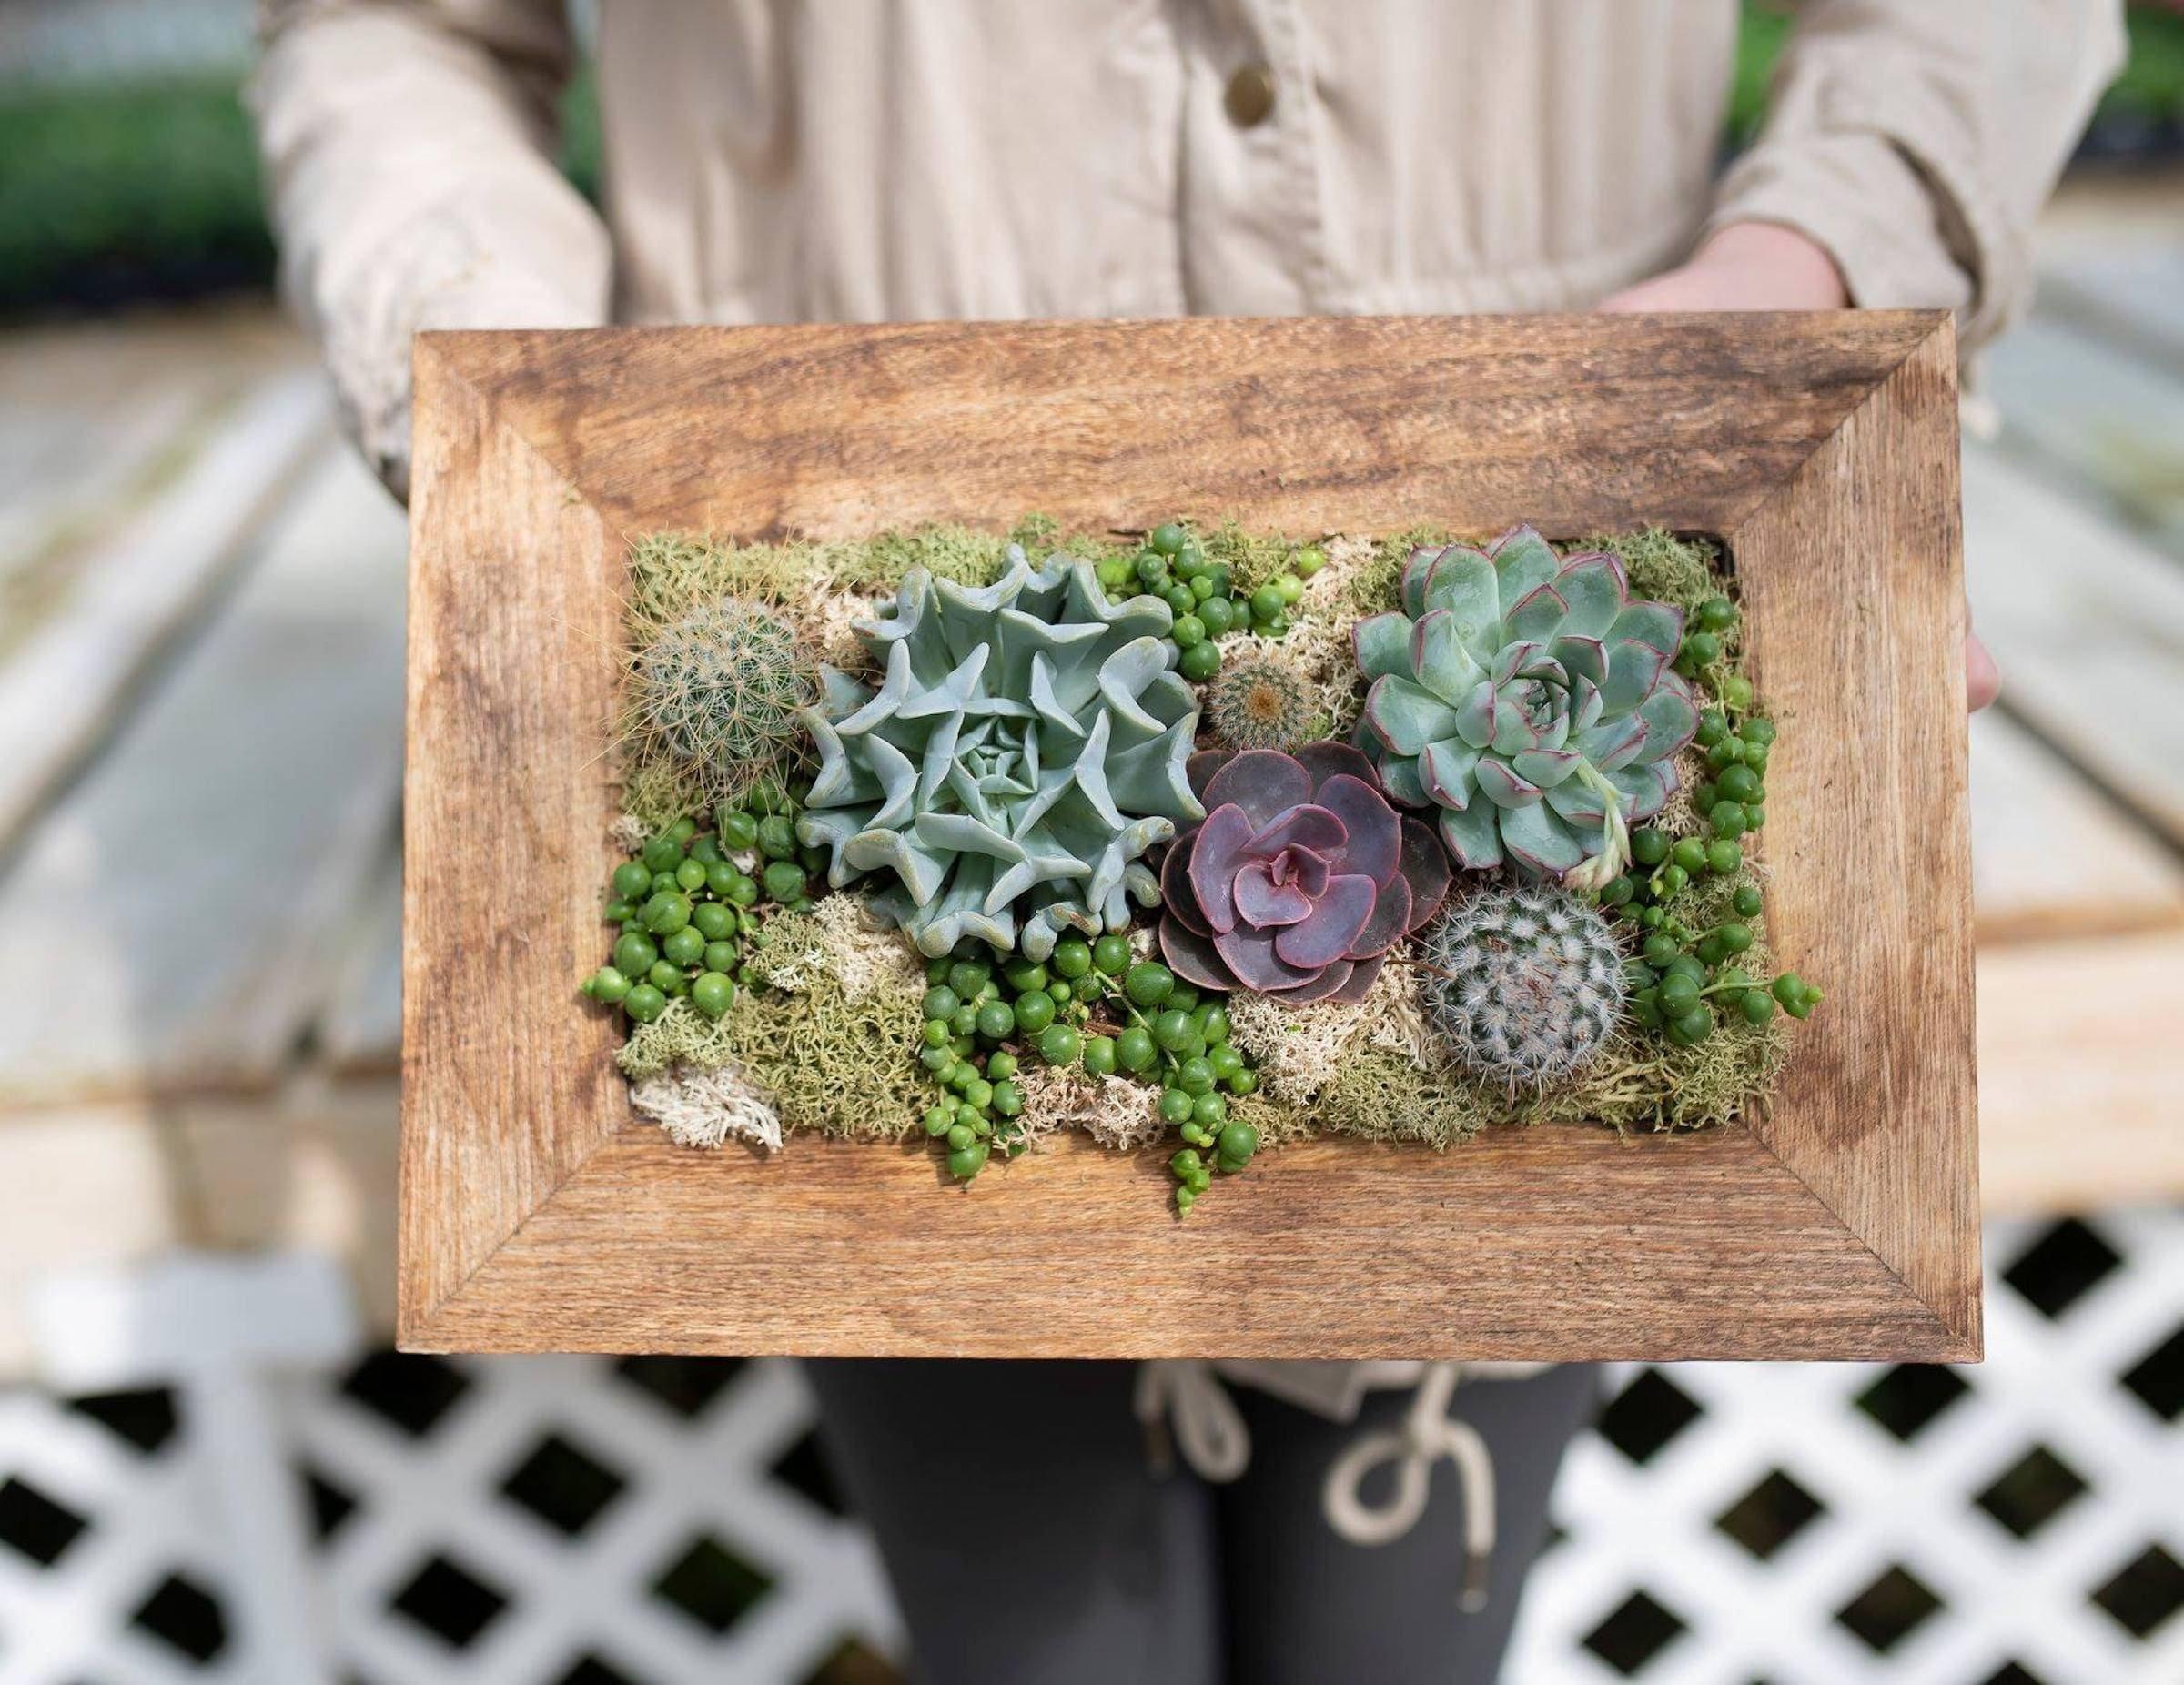 Živý obraz ze sukulentů, dekorace pro nadšené zahradníky a pěstitele